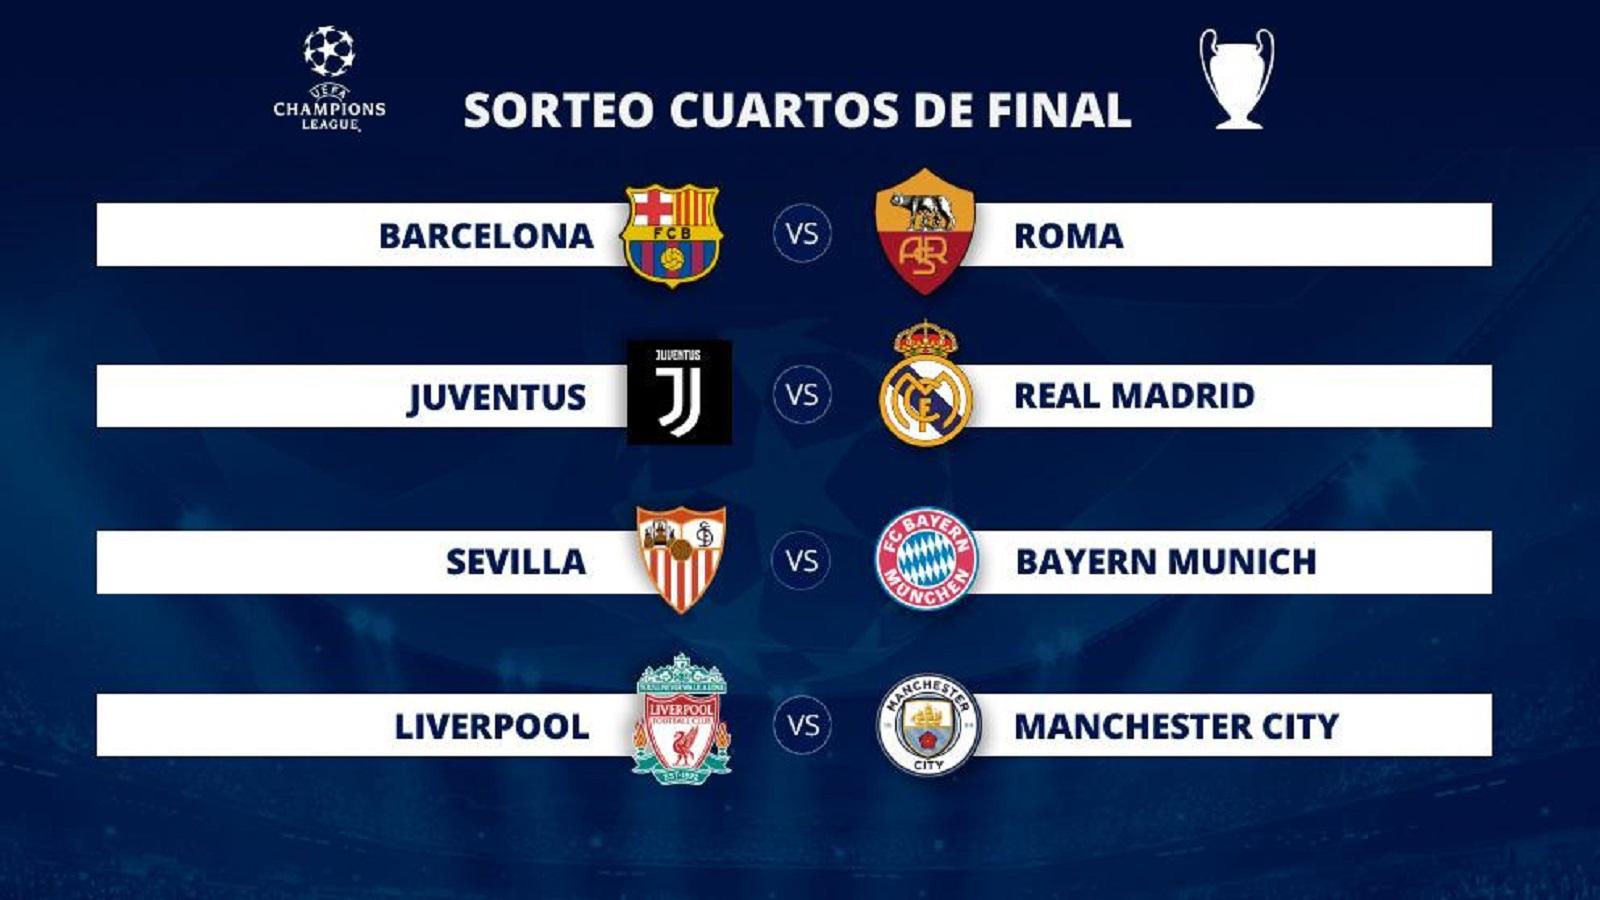 VÍDEO: La suerte tambien juega en los cuartos de la Champions!